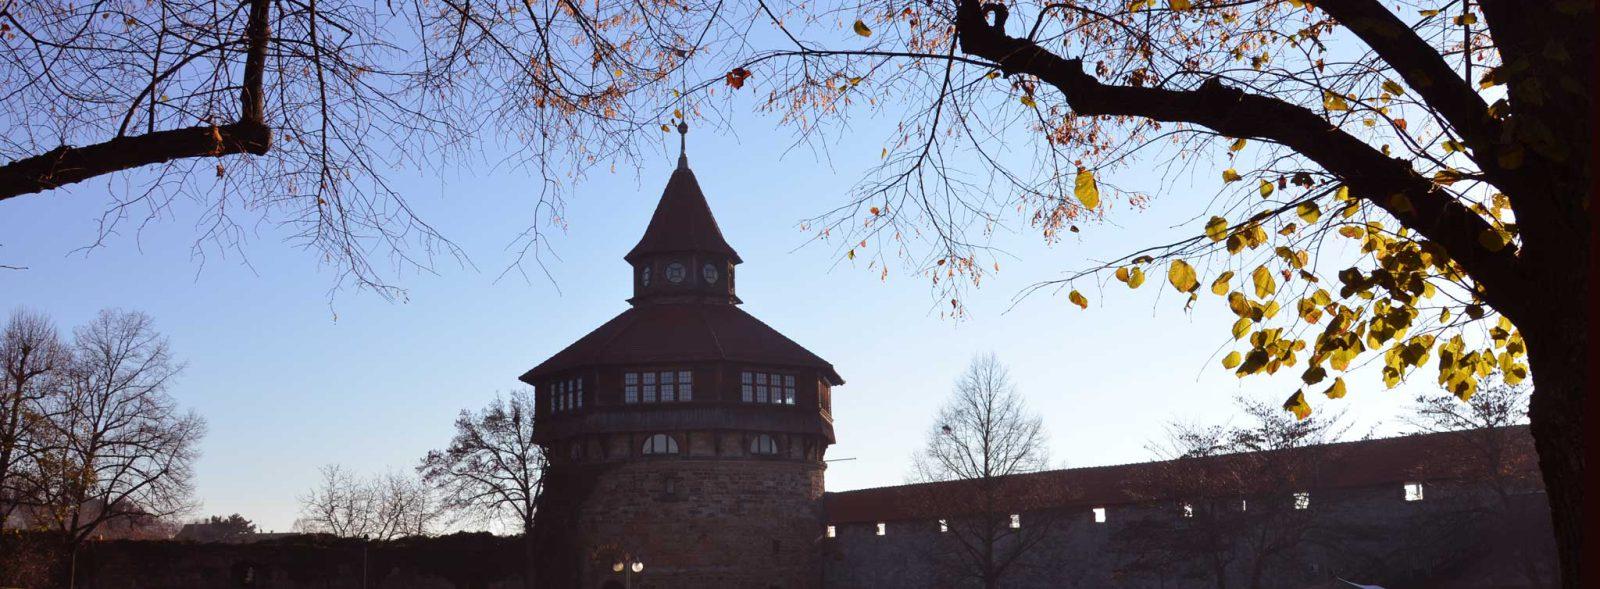 Esslinger Burg unter Bäumen